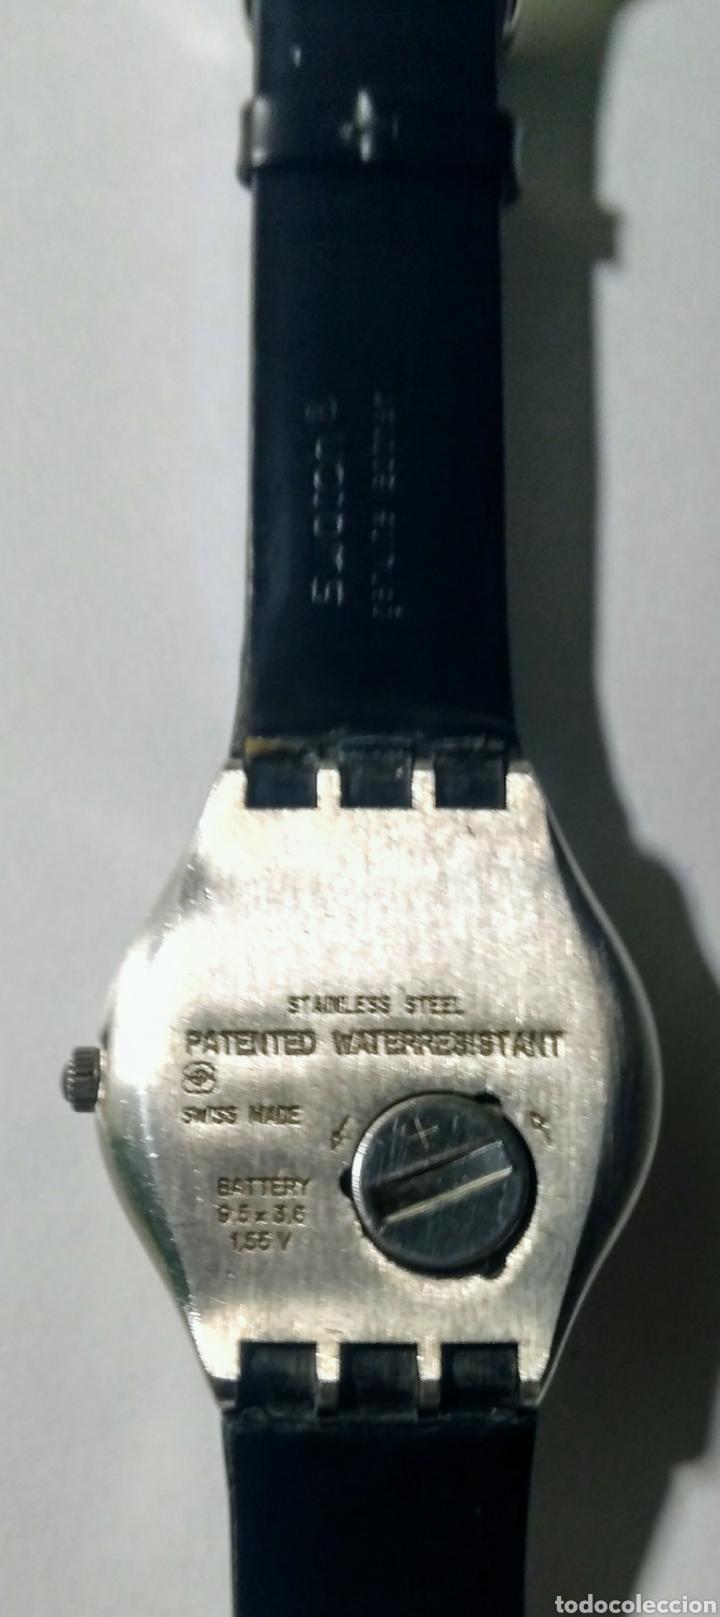 Relojes - Swatch: Reloj Swatch Irony Ag 1998. - Foto 4 - 193864077